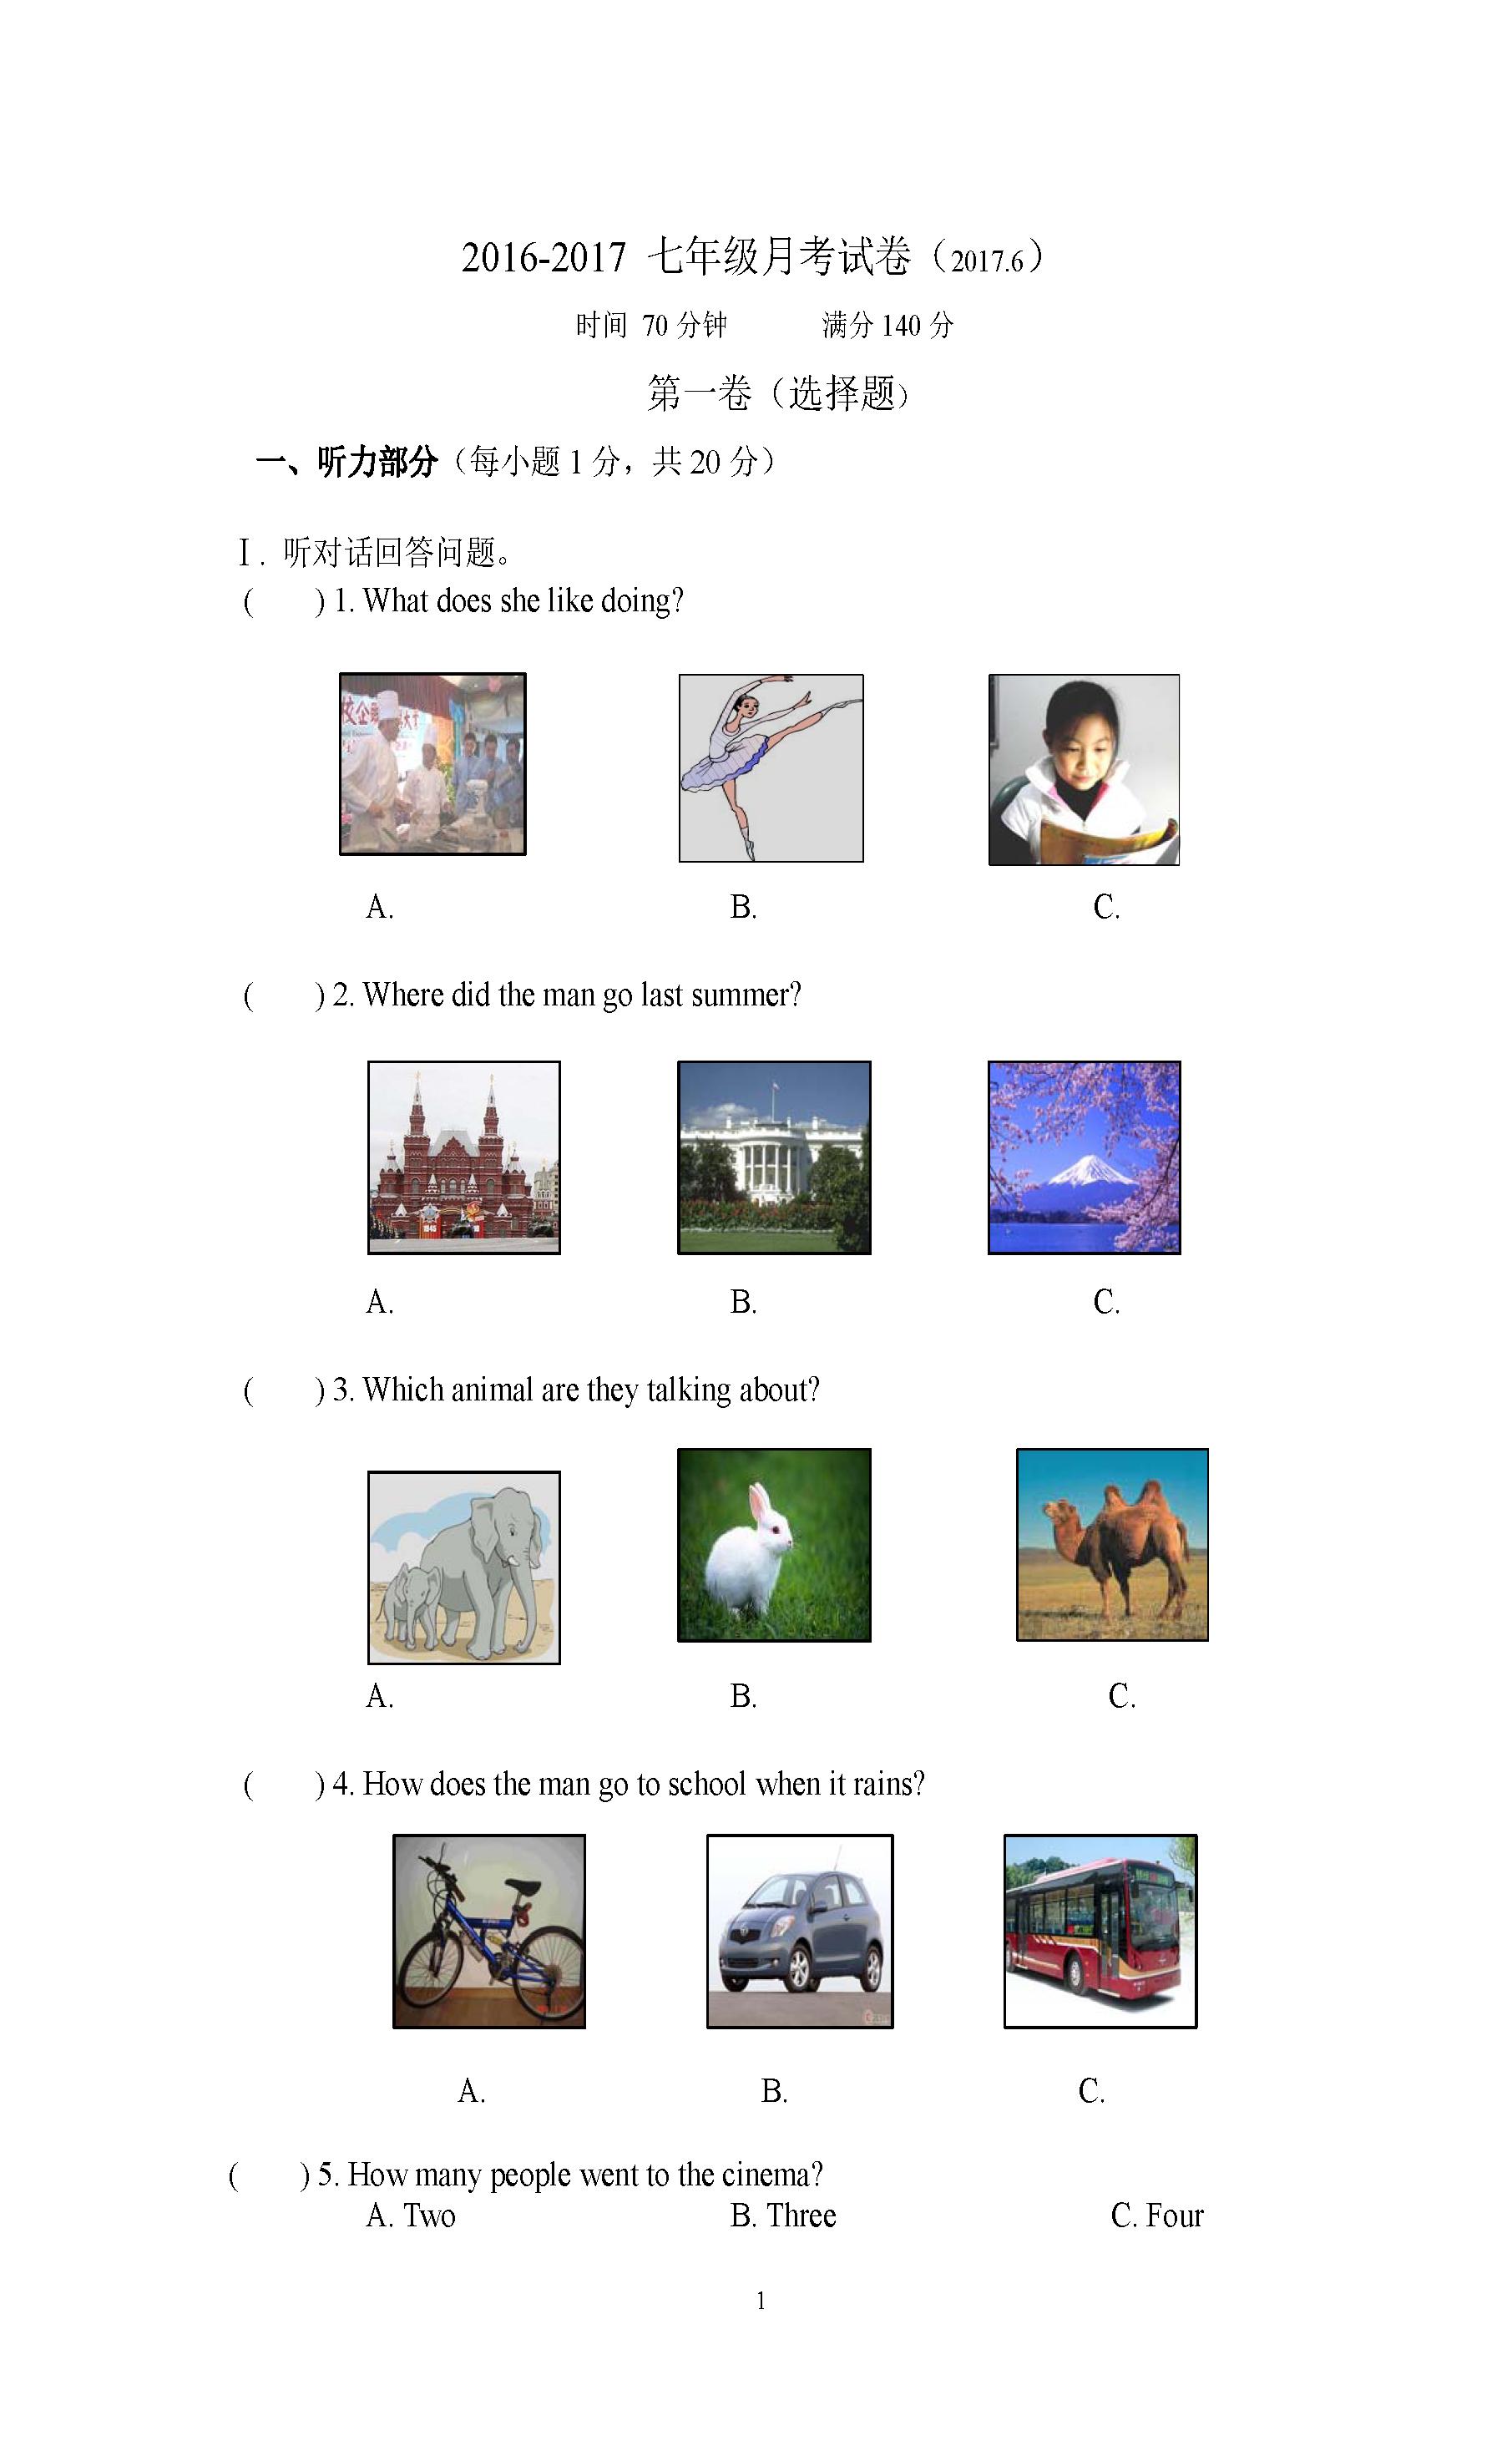 2017牛津英语沛县七年级下月考试卷(Word版)